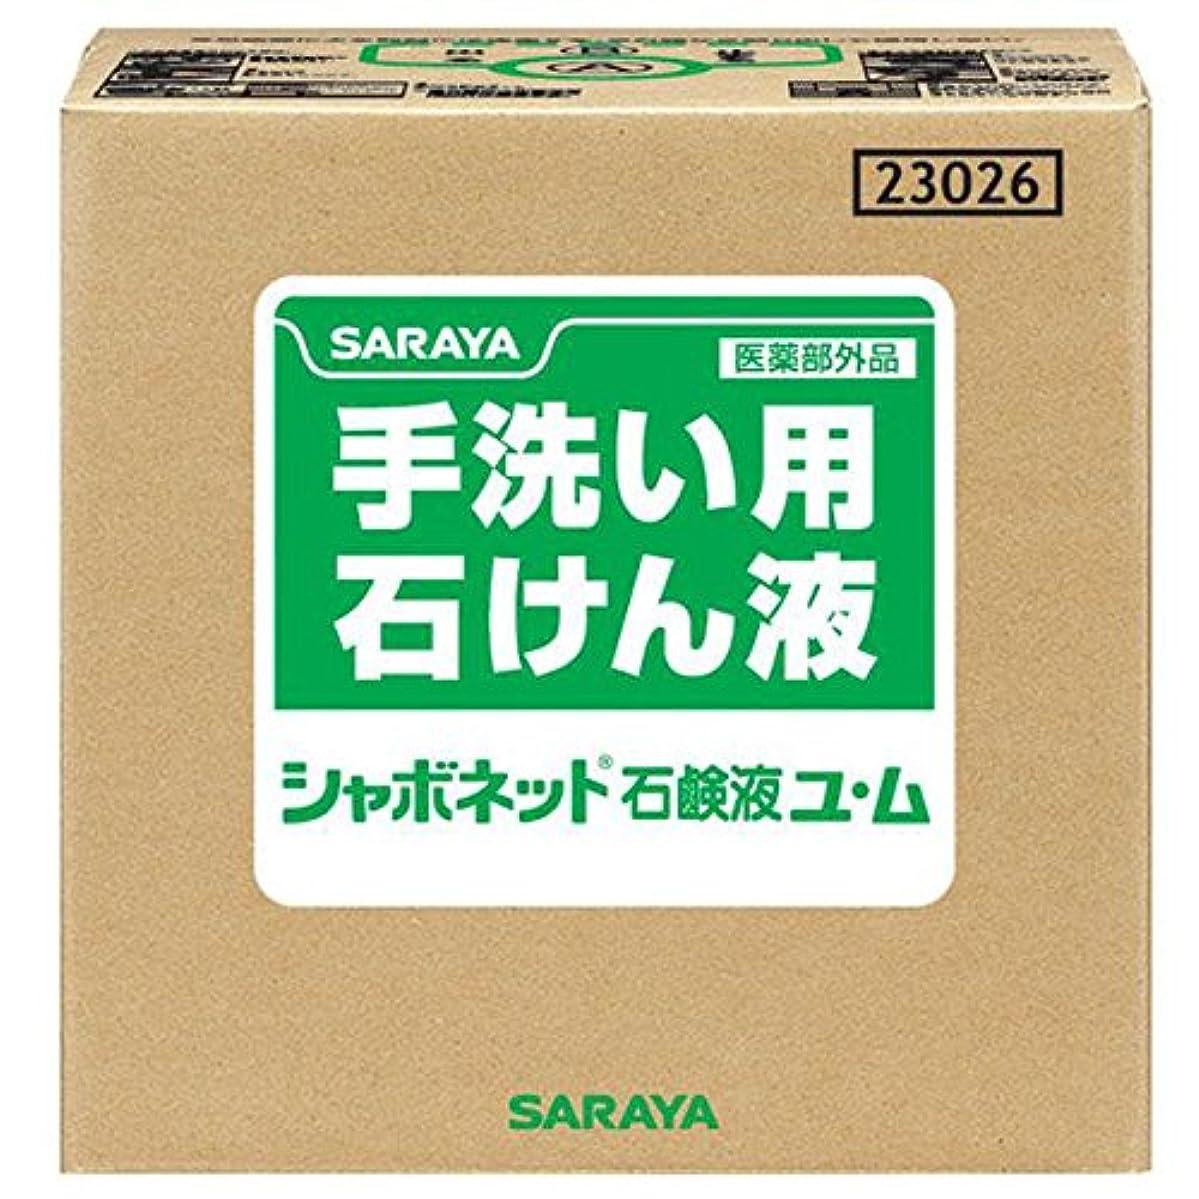 特性六月熟すサラヤ シャボネット 石鹸液ユ?ム 20kg×1箱 BIB